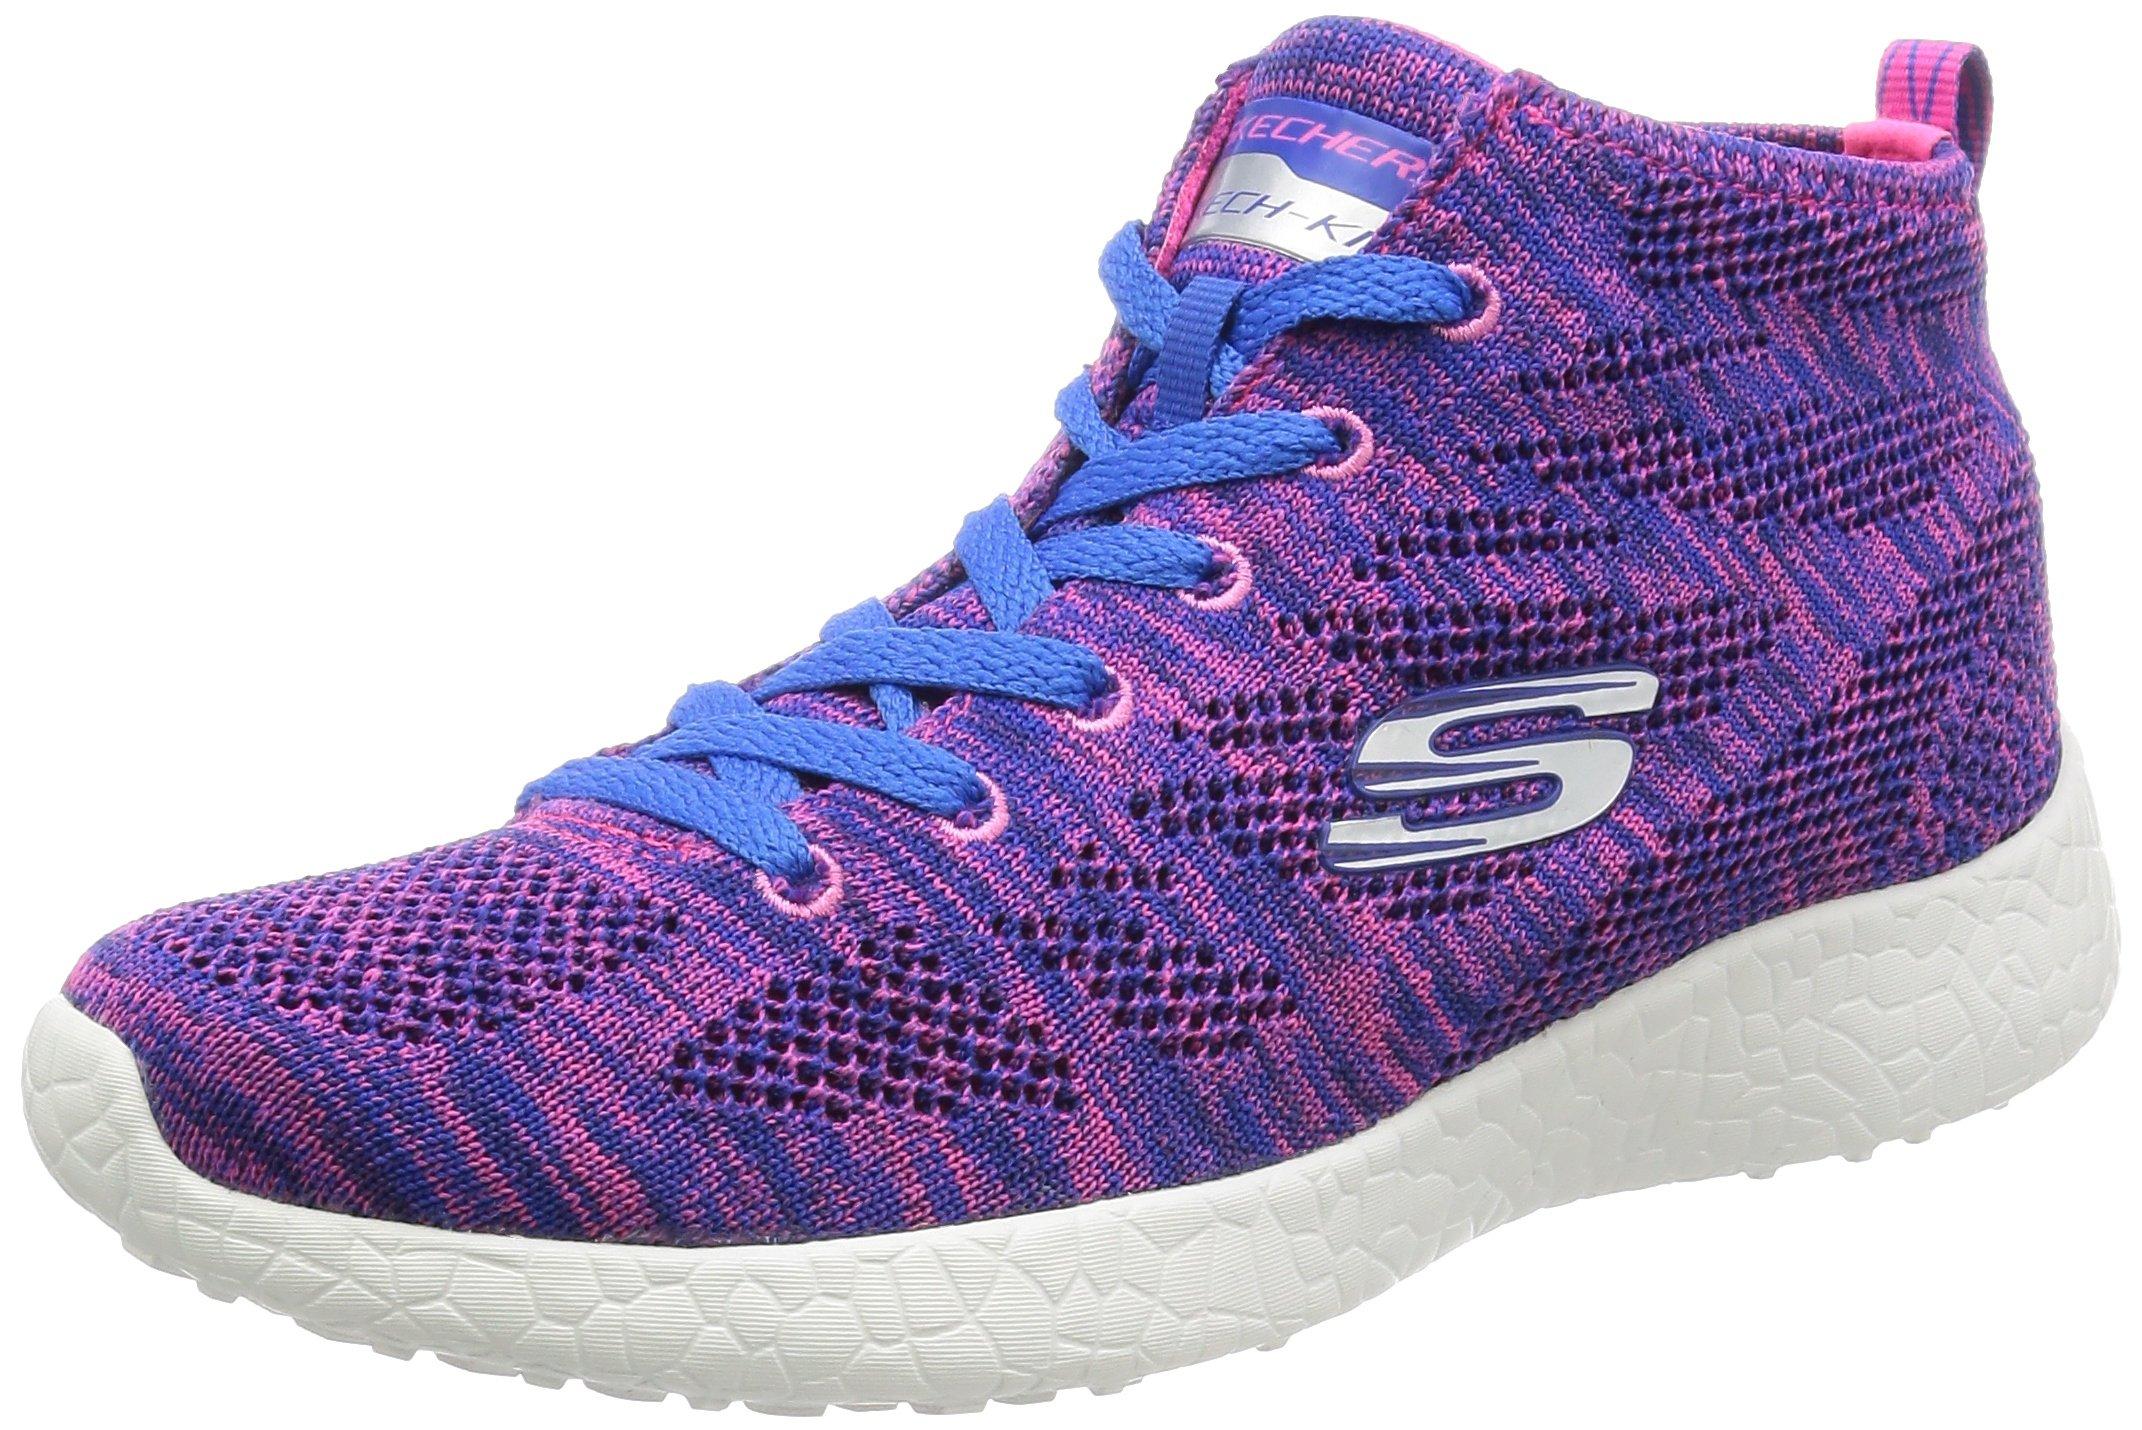 Skechers Sport Women's Energy Burst Demi Boot Sneaker,Purple/Blue,8.5 M US